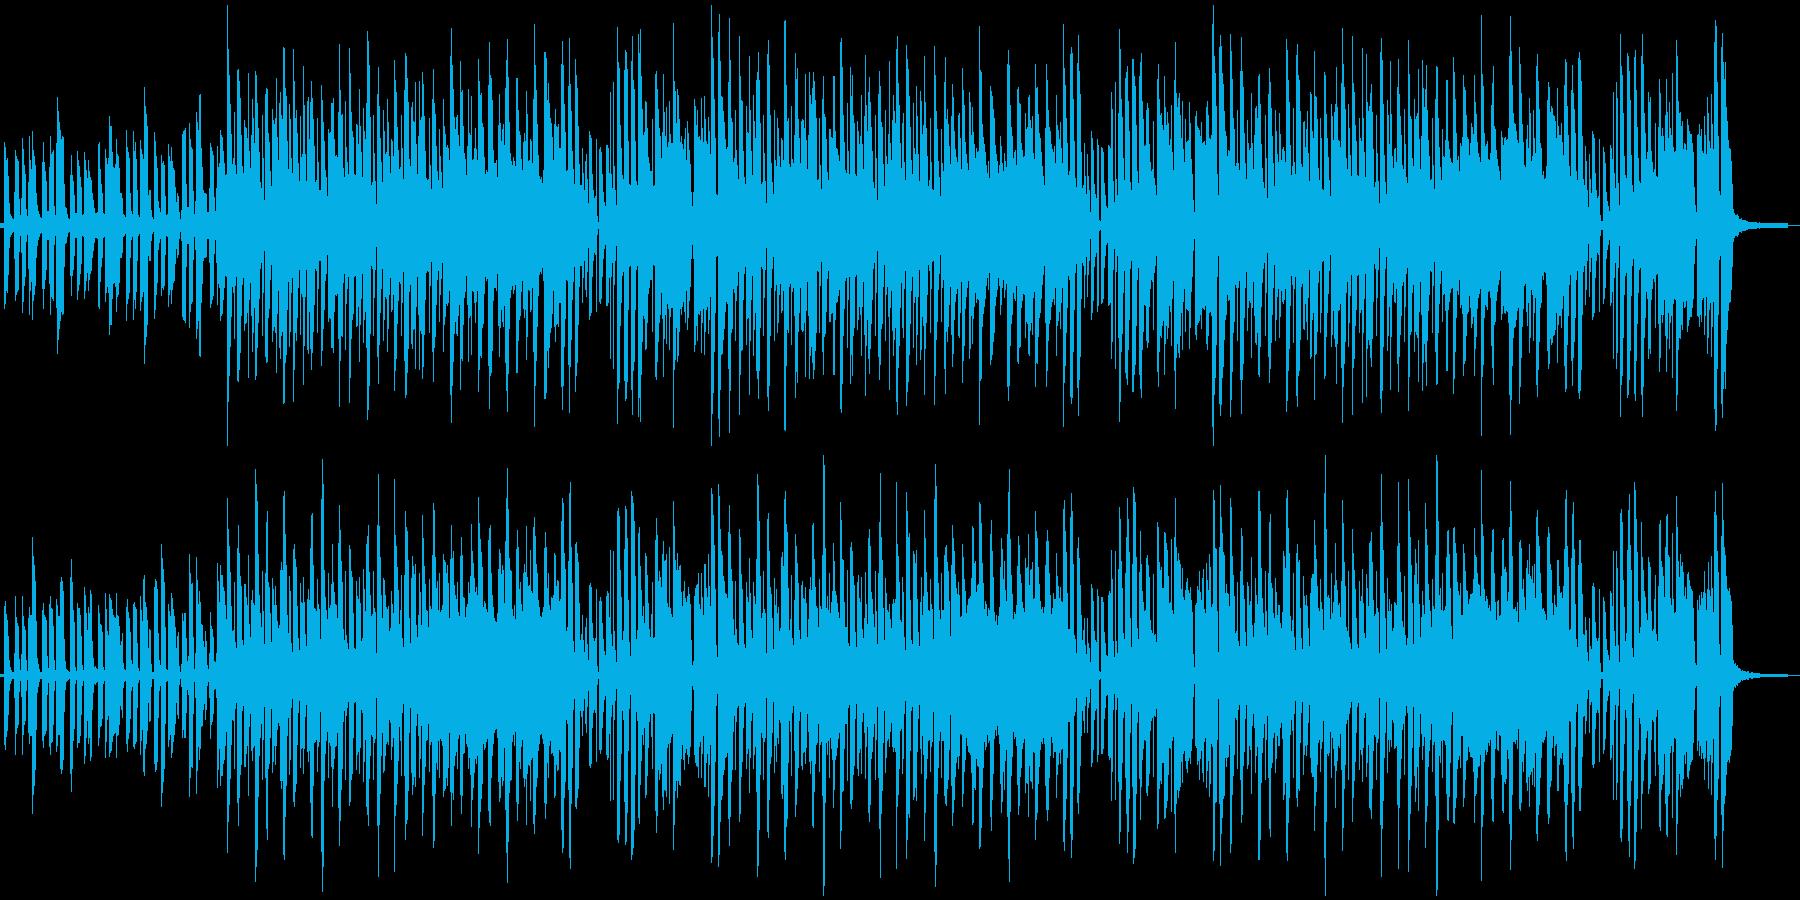 ゲーム・アニメなどの日常に流れている曲の再生済みの波形